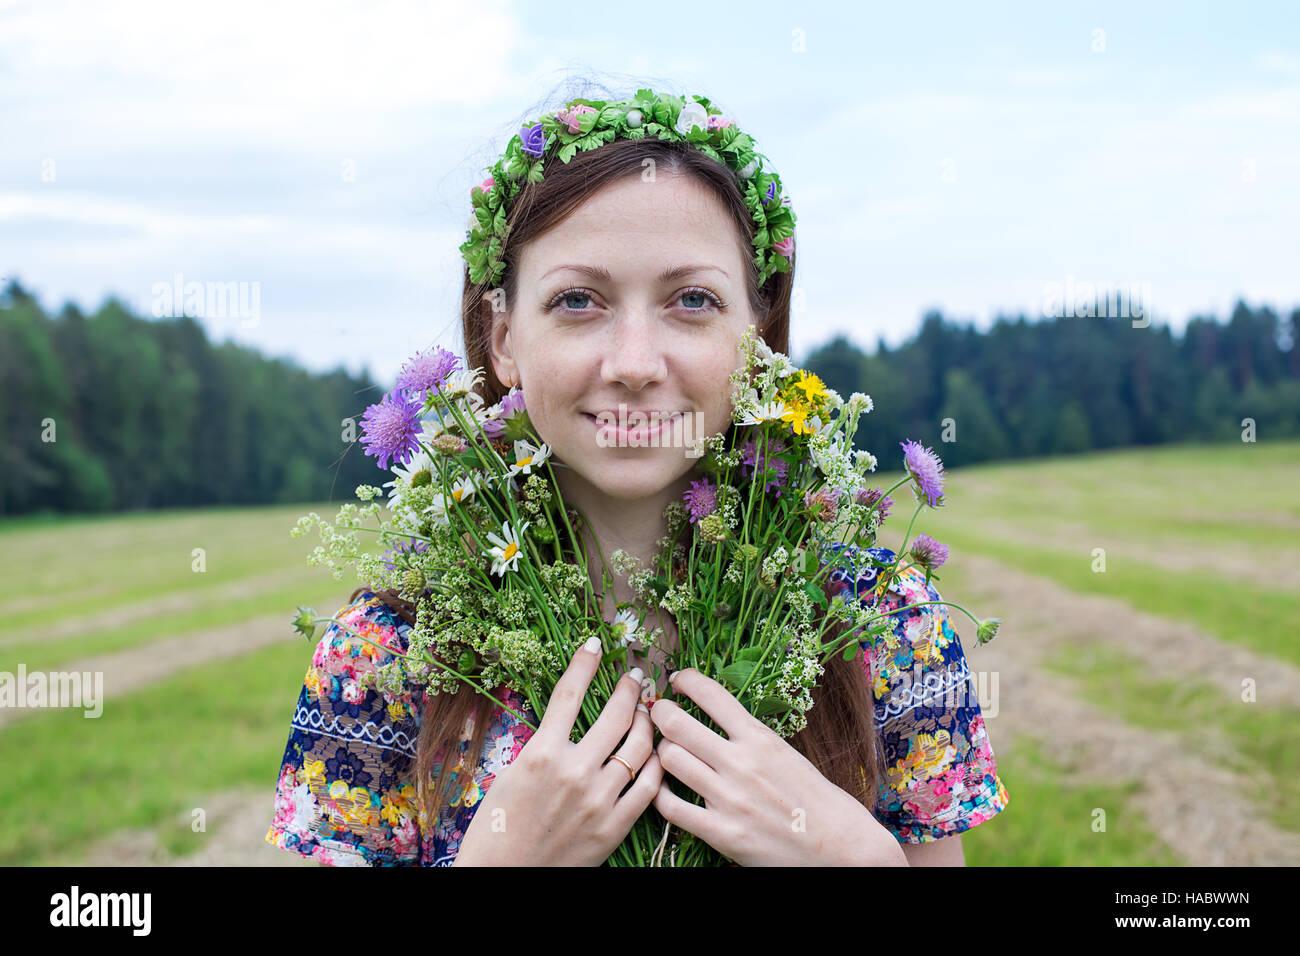 Fille de rousseur avec bouquet de fleurs partage permanent Photo Stock